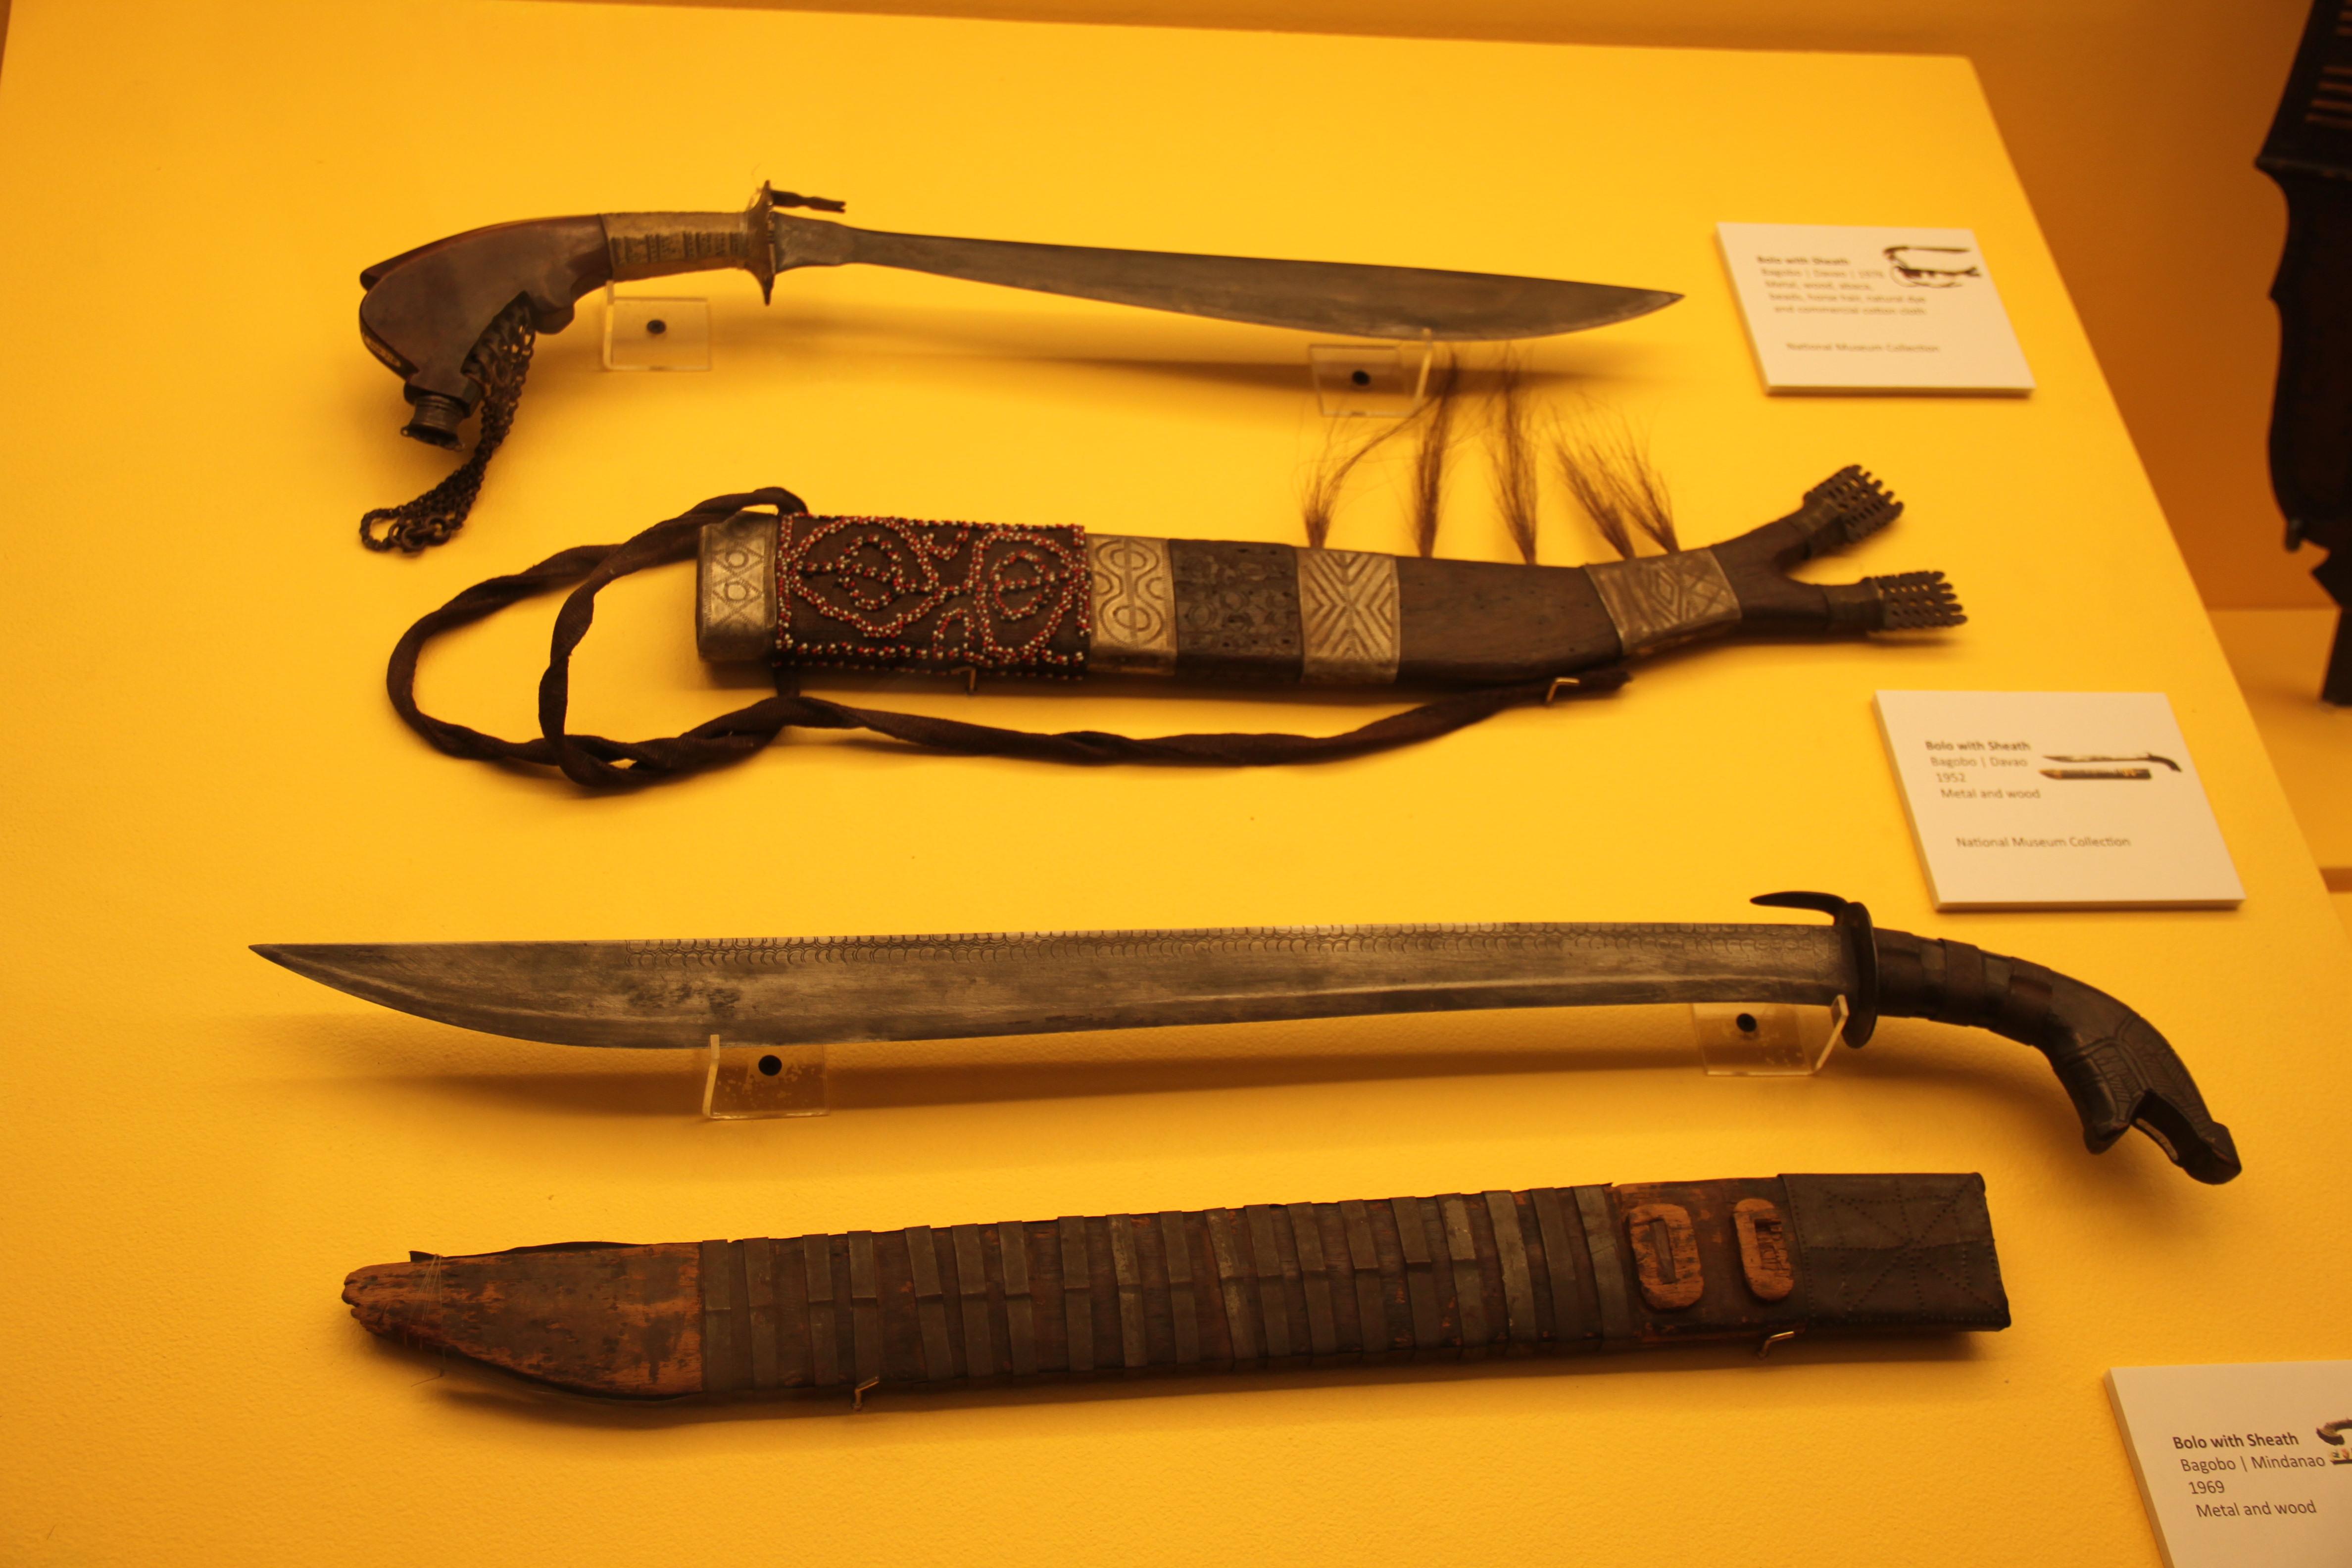 Bolo Knife Wikipedia